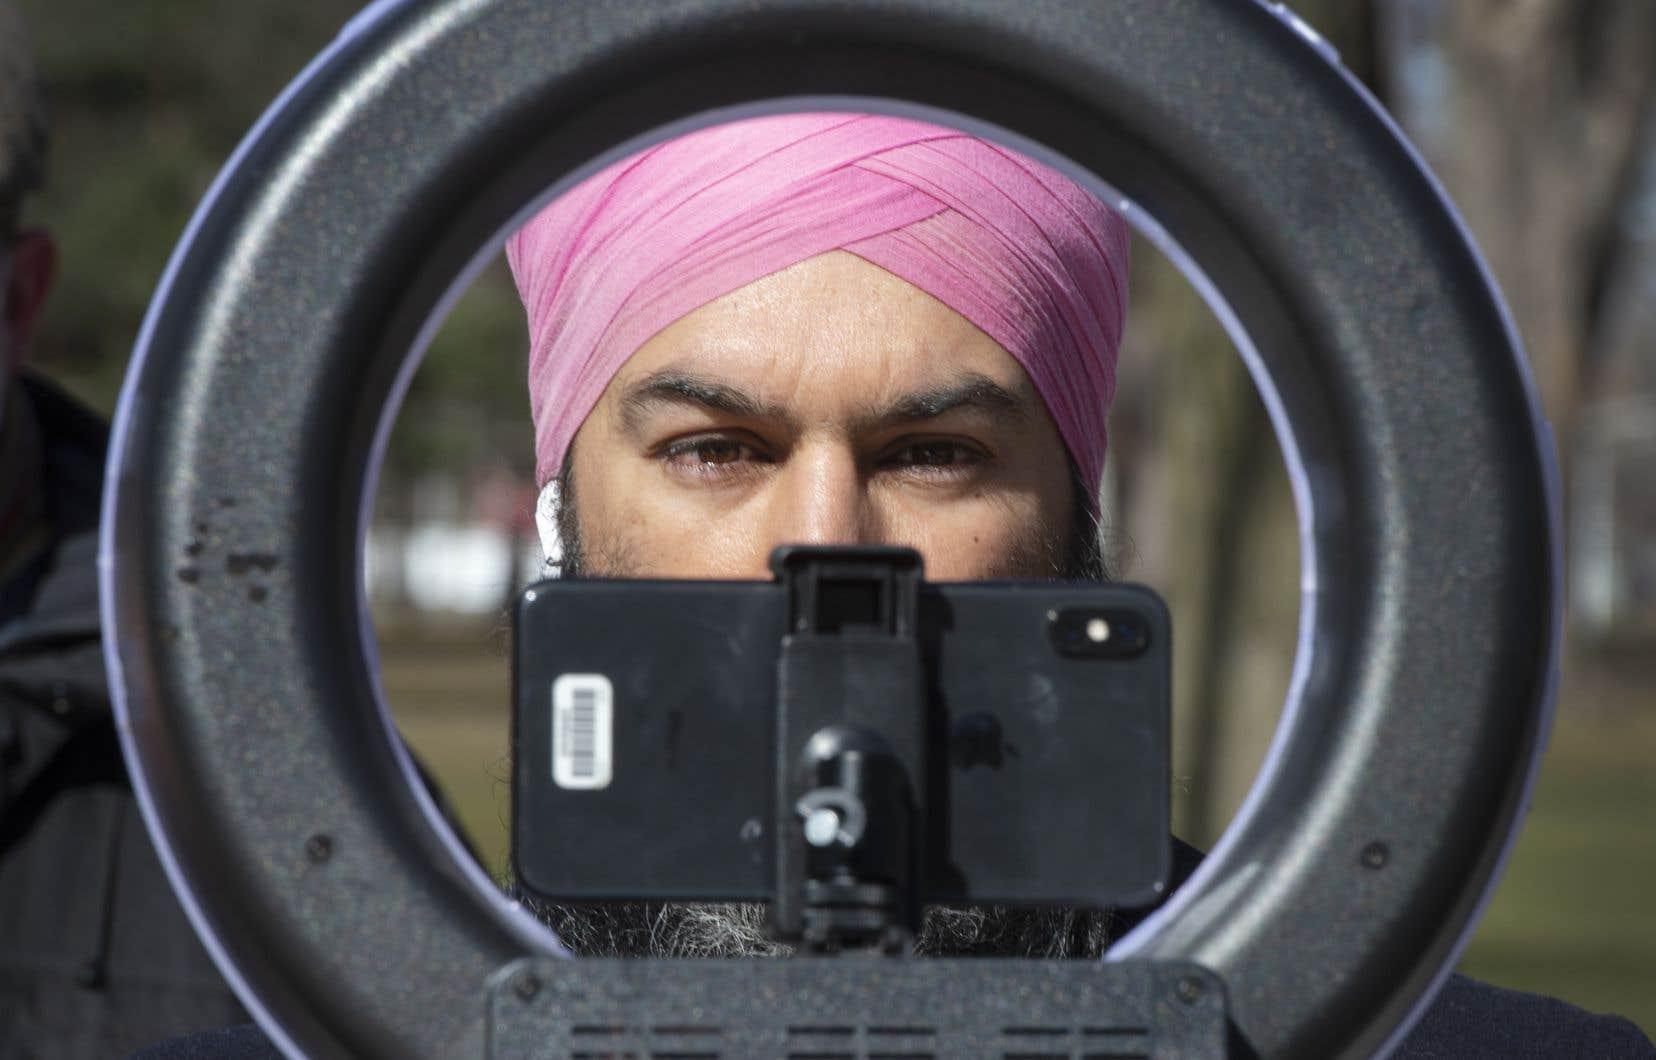 La présence de Jagmeet Singh sur les réseaux sociaux, comme TikTok, et le fait qu'il provienne d'une minorité visible, le rendent-il «cool» auprès des jeunes de milieux urbains?